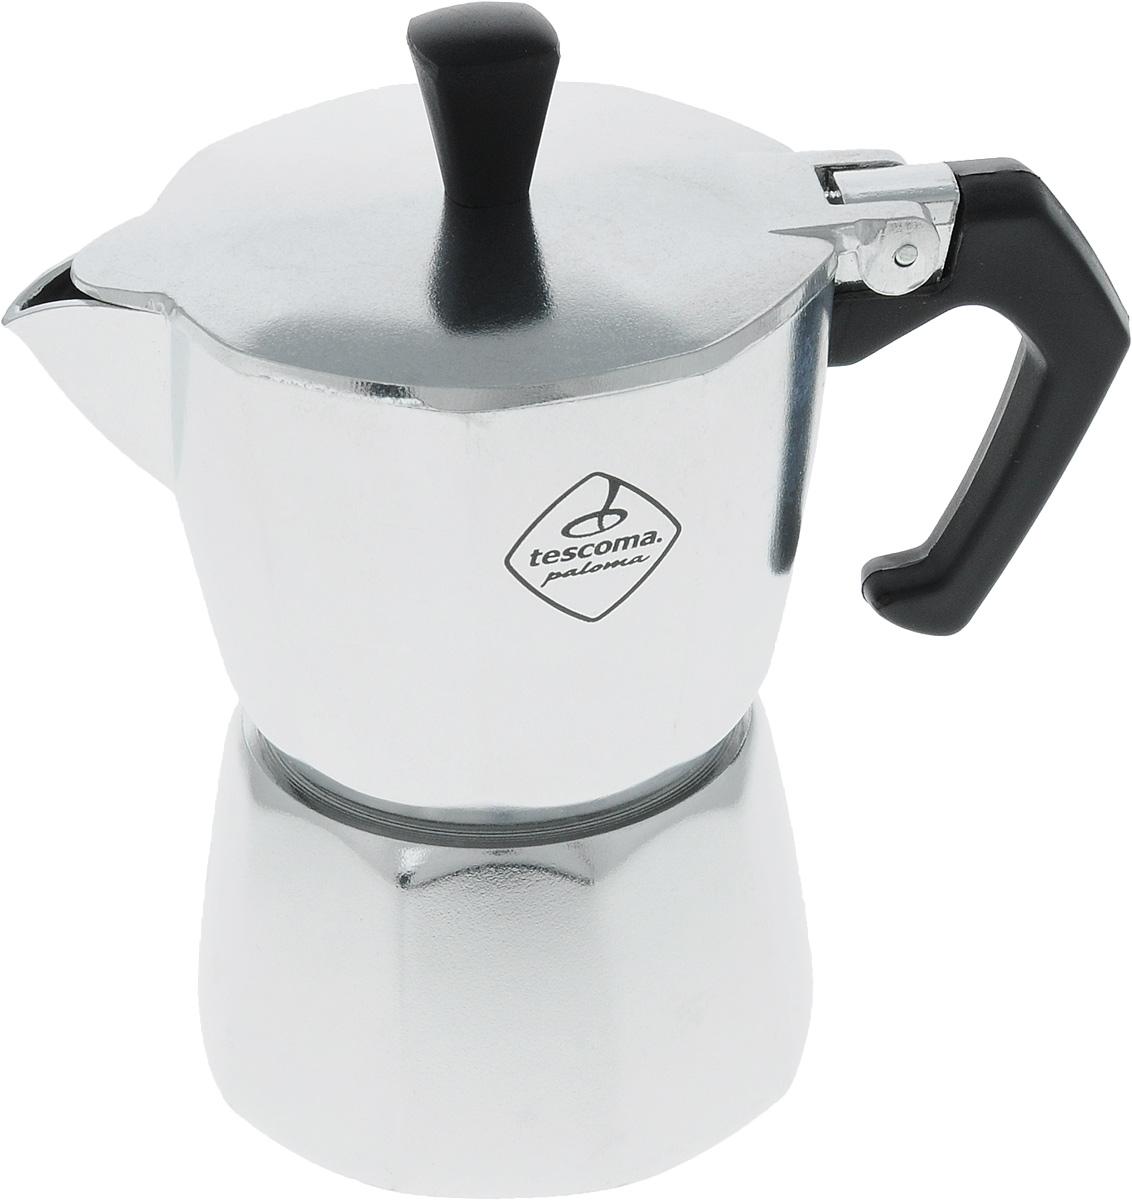 Кофеварка Tescoma Paloma, на 2 чашки68/5/4Кофеварка Tescoma Paloma идеально подходит для приготовления традиционного кофе экспрессо. Кофеварка изготовлена из гигиенически безопасного алюминия (EN 601). Эргономичная рукоятка выполнена из жароупорной пластмассы, поэтому не обжигает руки. Кофеварка очень проста в использовании: - наполните основание водой, - насыпьте туда кофе, - закройте, - поставьте на плиту, - сварите кофе, - подавайте на стол. Объем рассчитан на приготовление двух чашек кофе. Стильный дизайн кофеварки Tescoma сделает ее ярким элементом интерьера вашего дома! Можно использовать на газовых, электрических, керамических плитах. Нельзя мыть в посудомоечной машине.